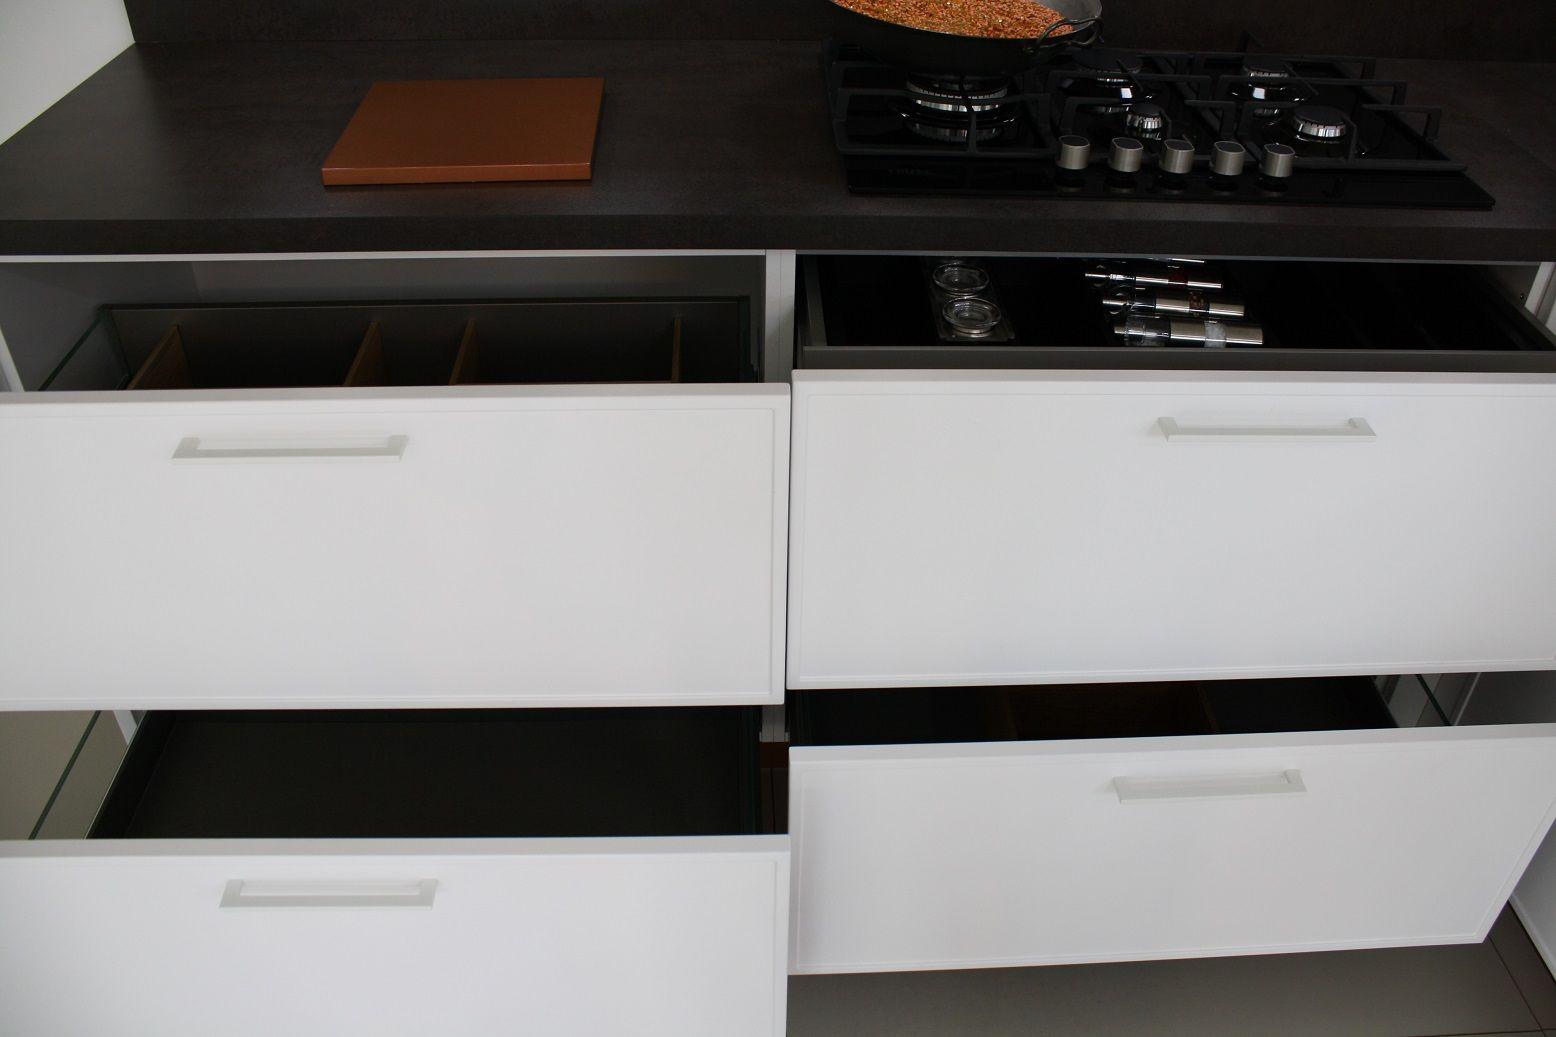 Allergrootste keukensite van nederland moderne keuken 10 6 55272 - Afbeelding van moderne keuken ...